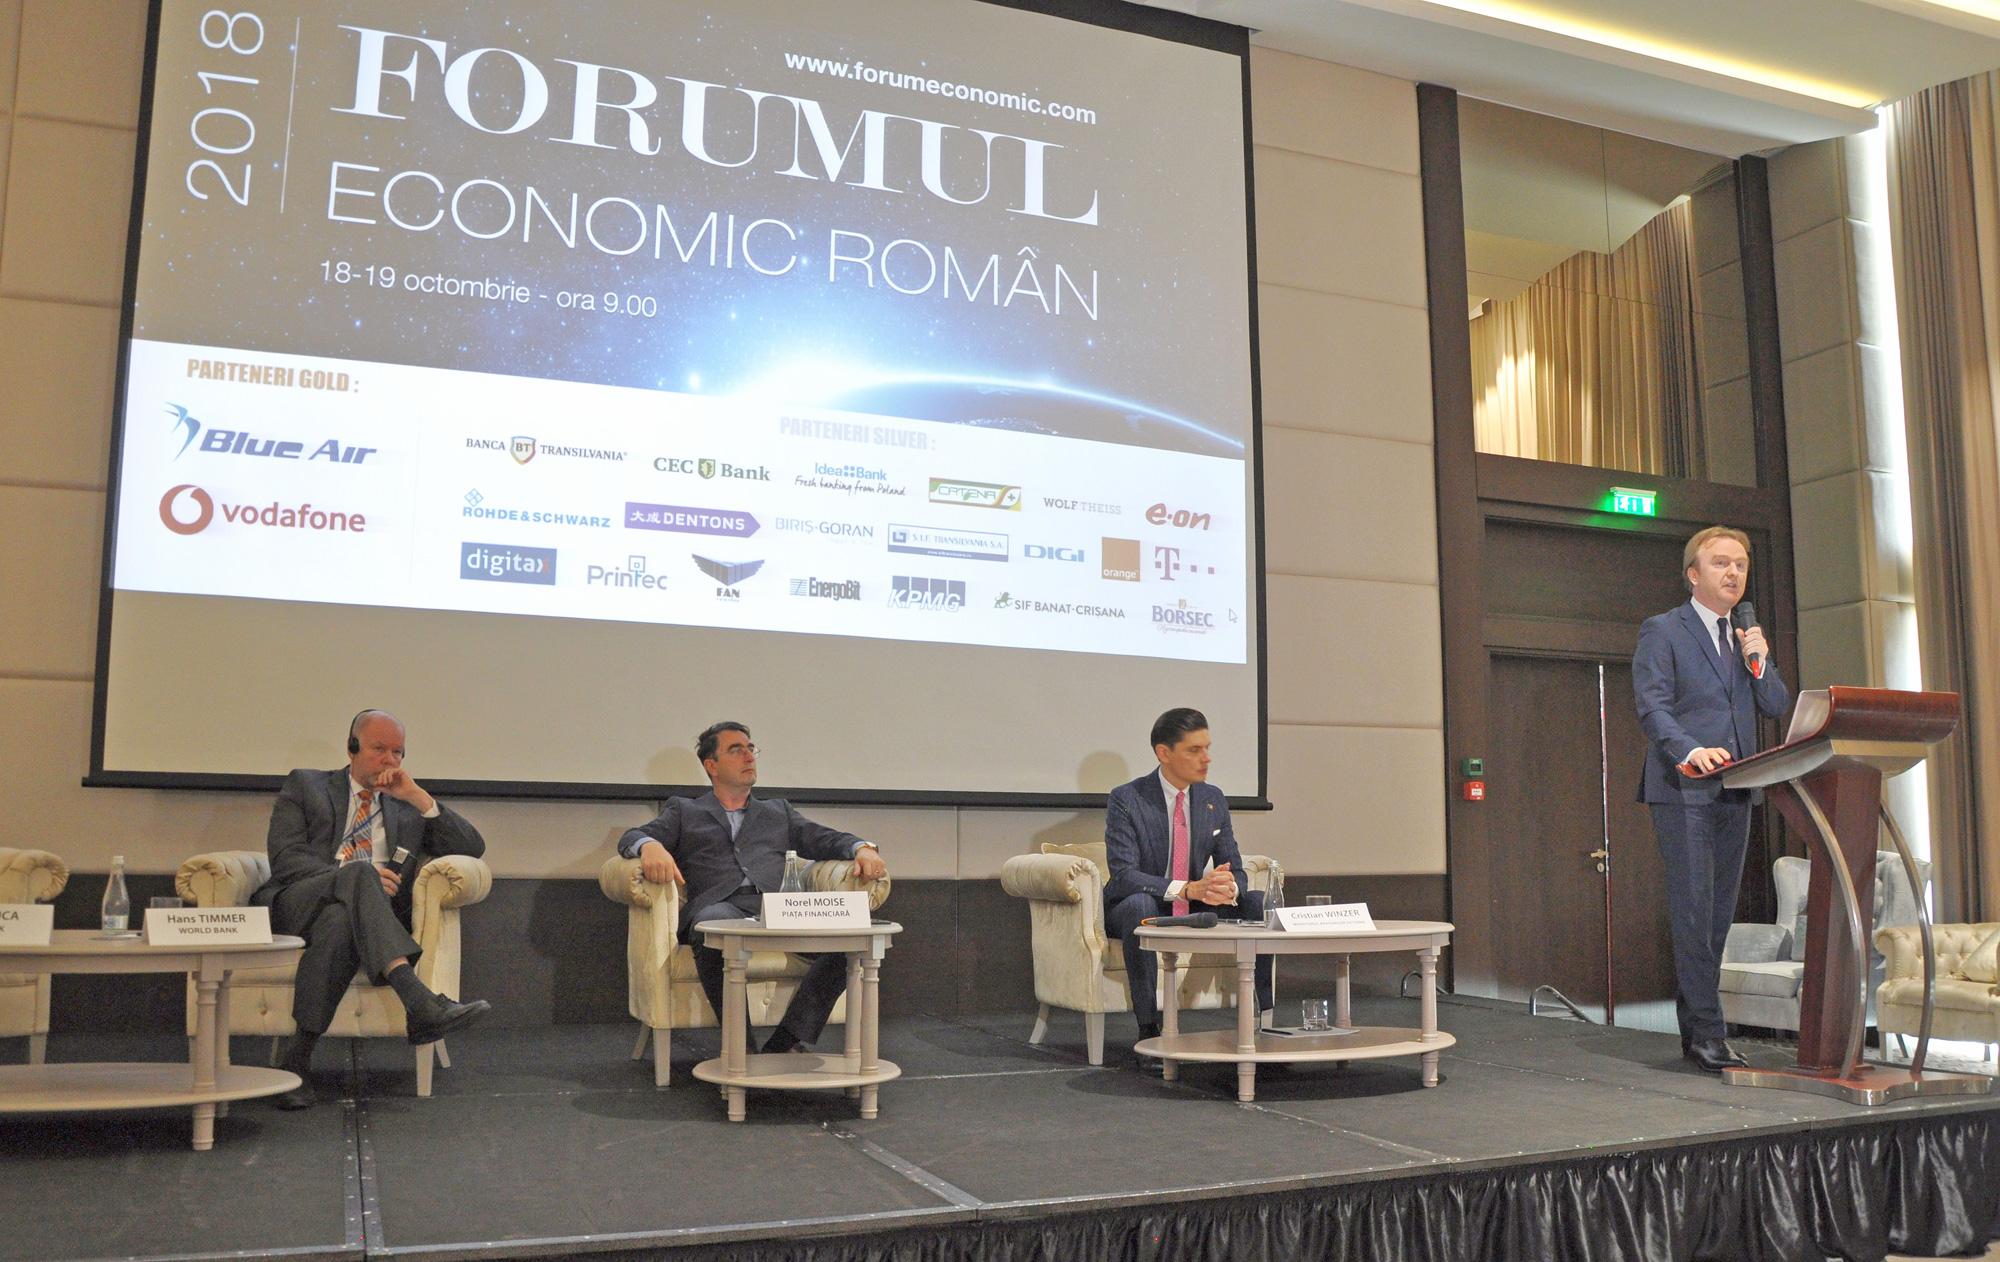 Forumul Economic Român, ediție inaugurală de succes